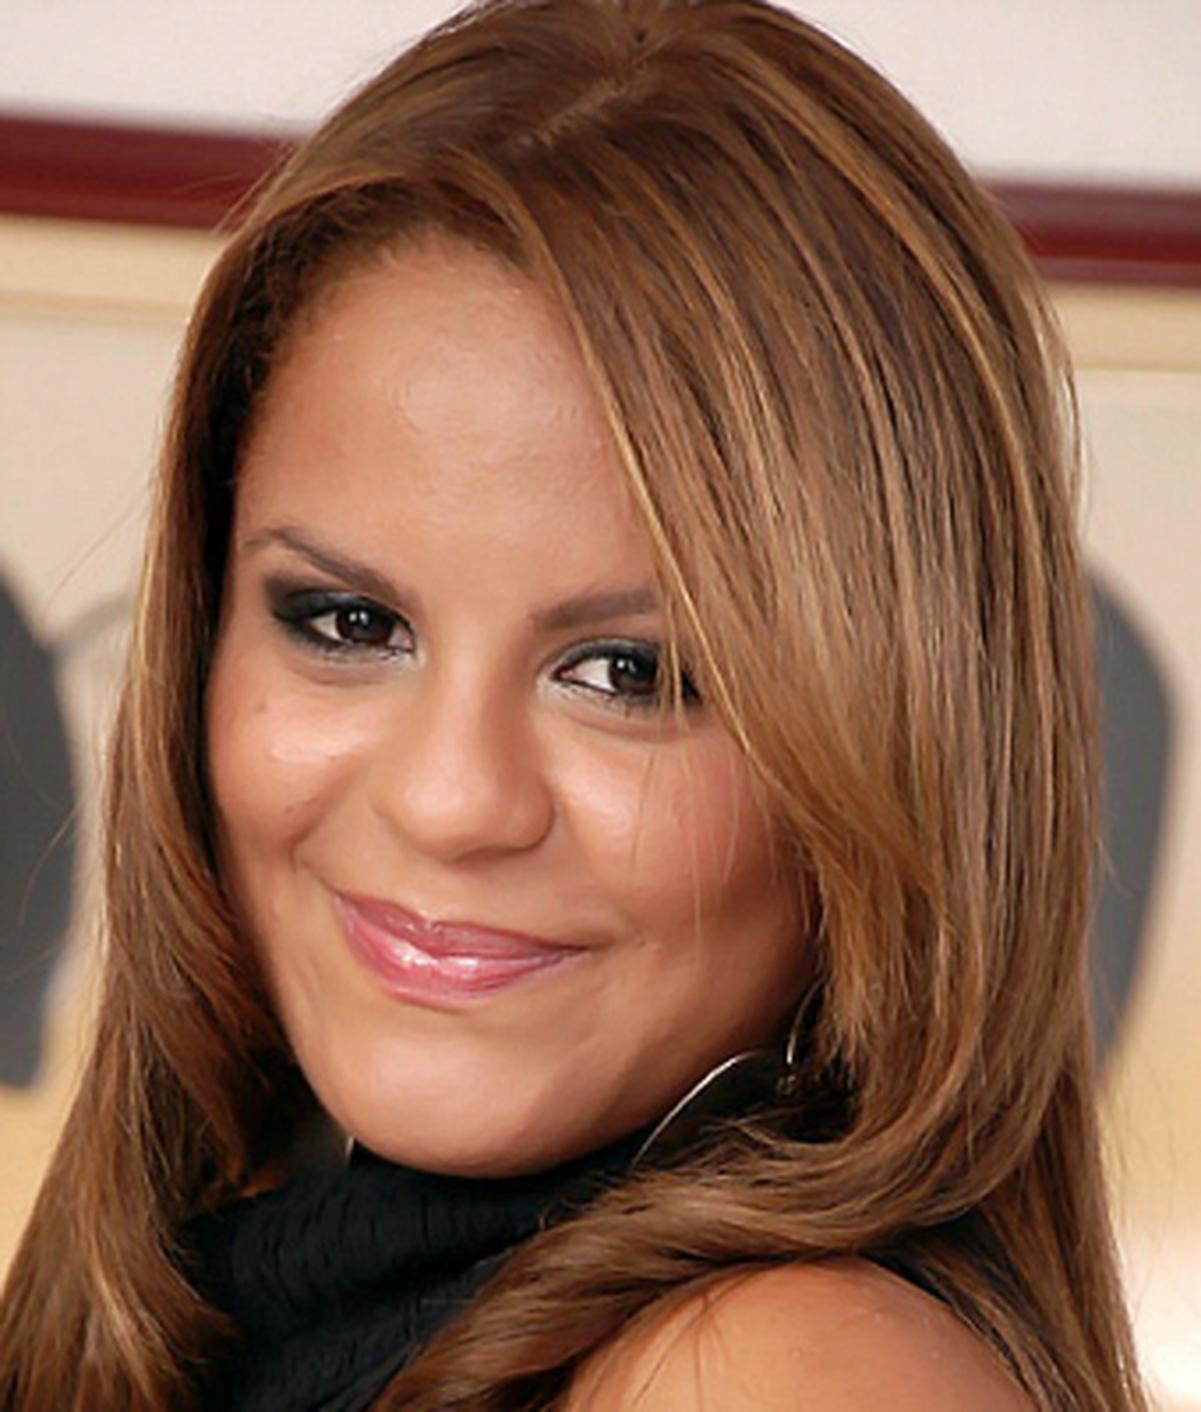 Fernanda Hot